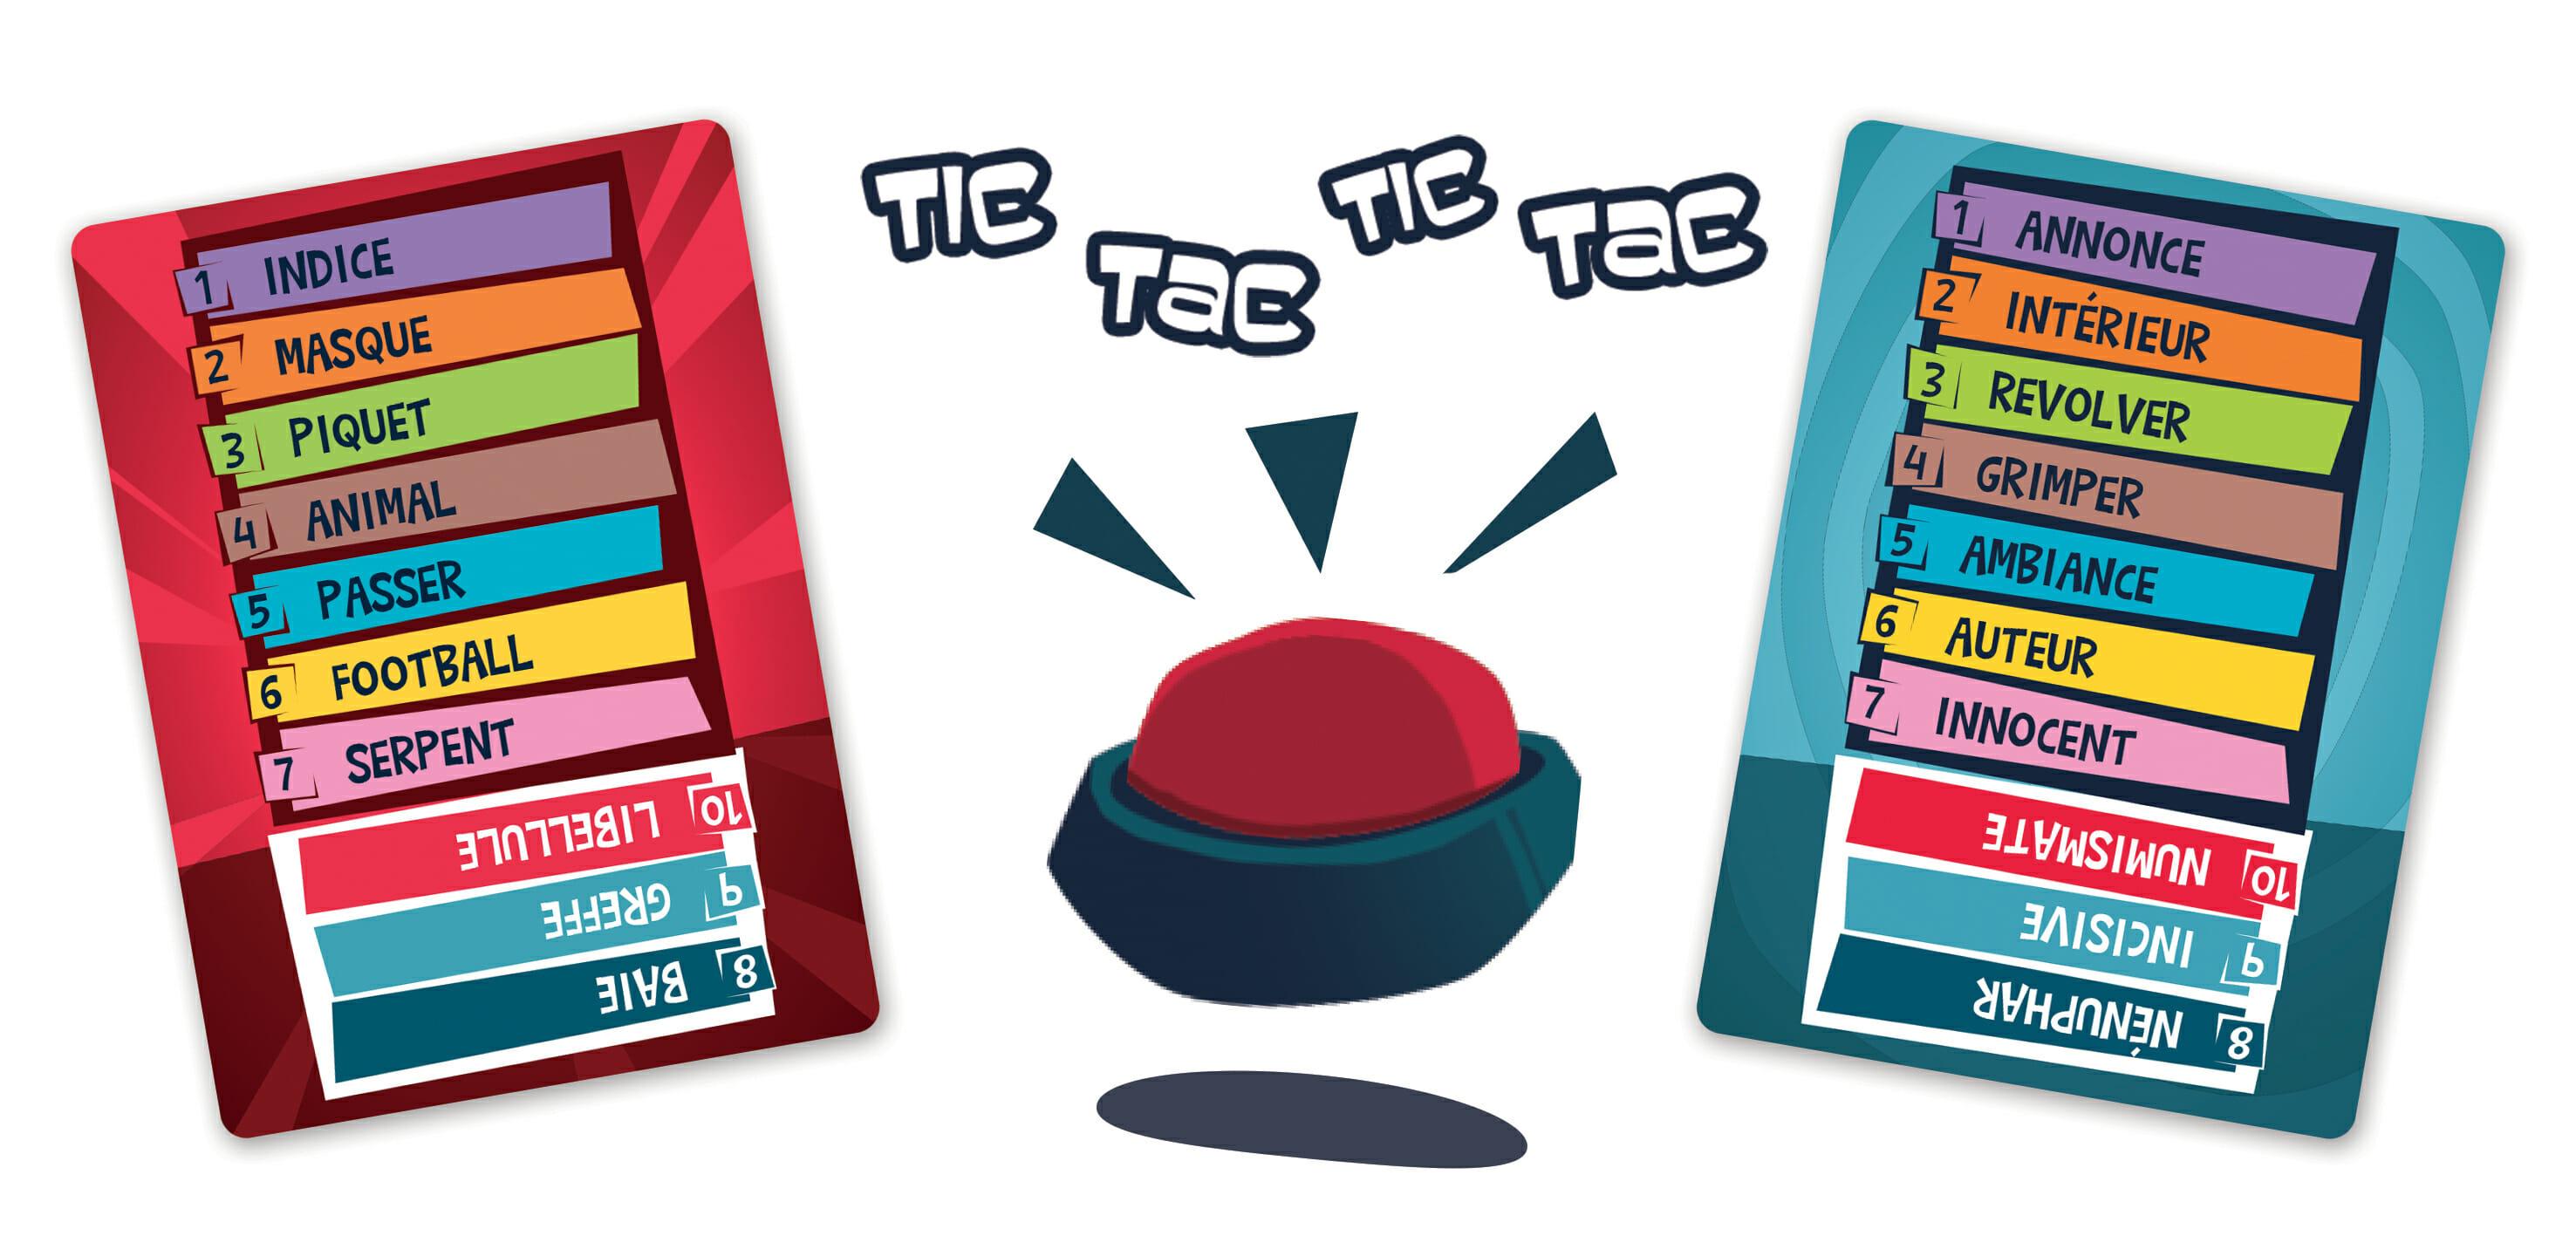 KEEP01-Cartes-buzzer